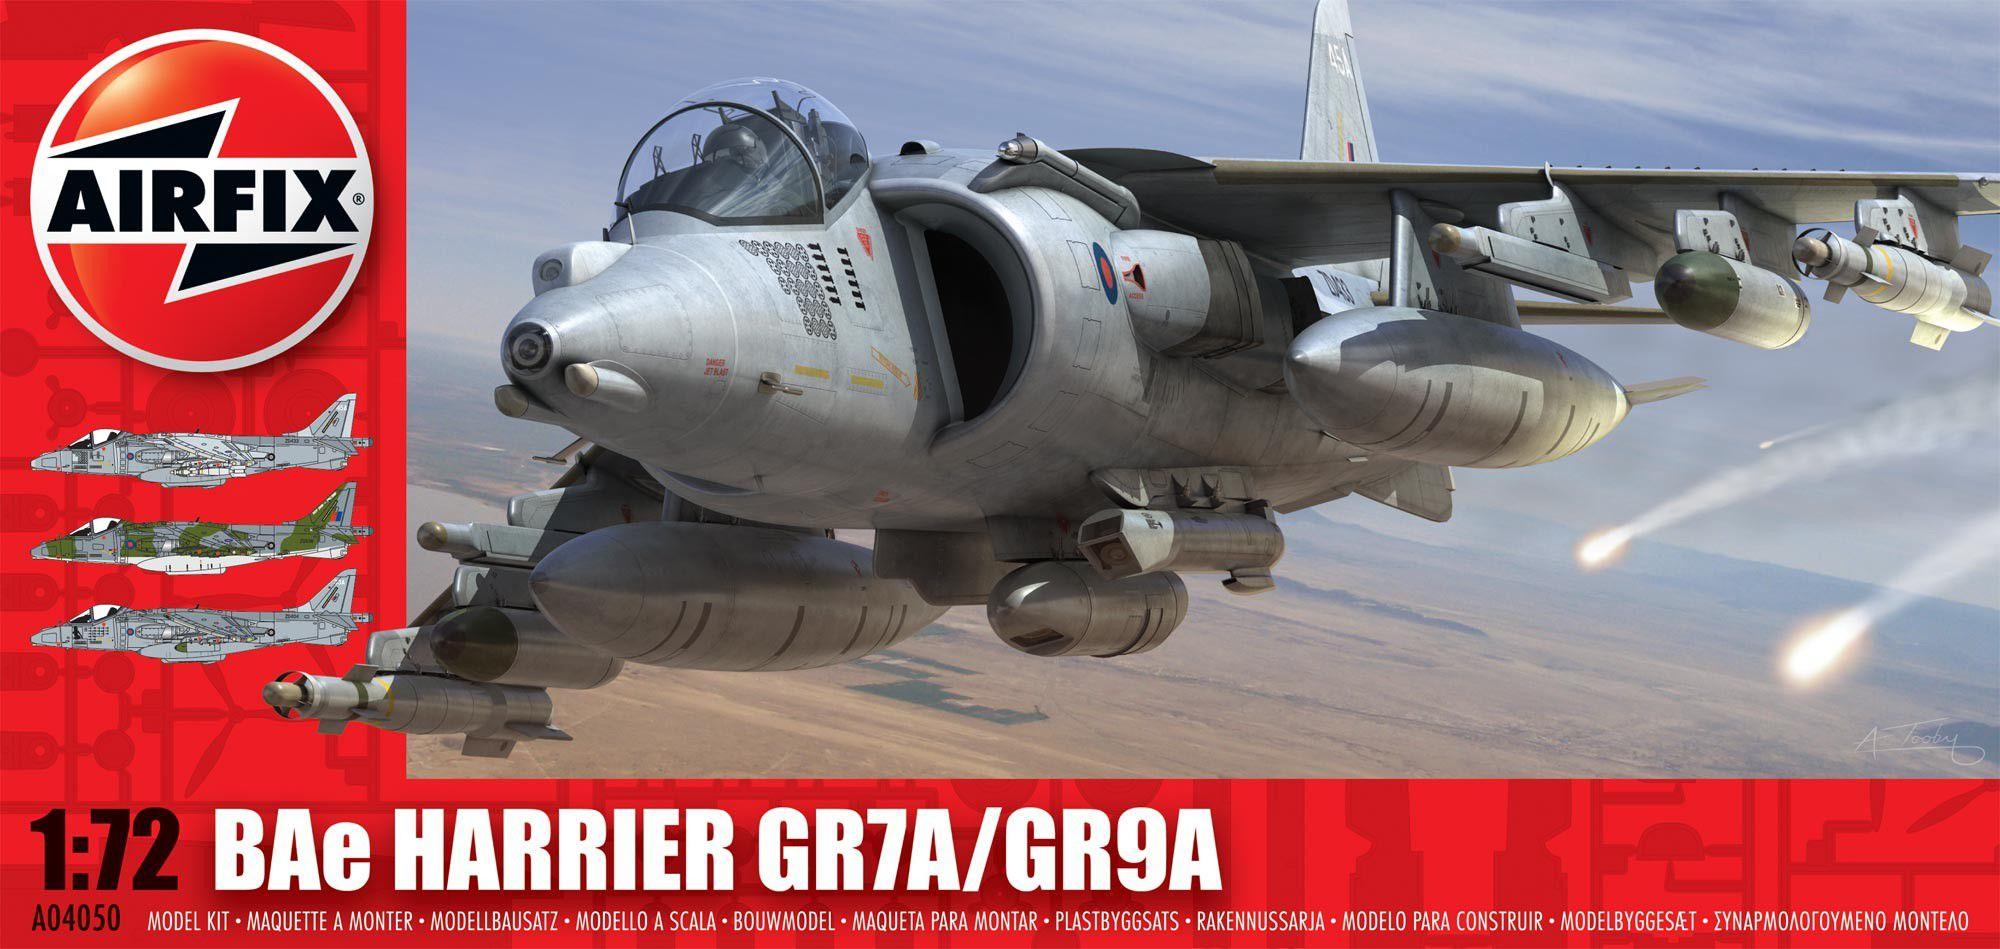 BAe Harrier GR7A/GR9A - 1/72 - Airfix A04050  - BLIMPS COMÉRCIO ELETRÔNICO